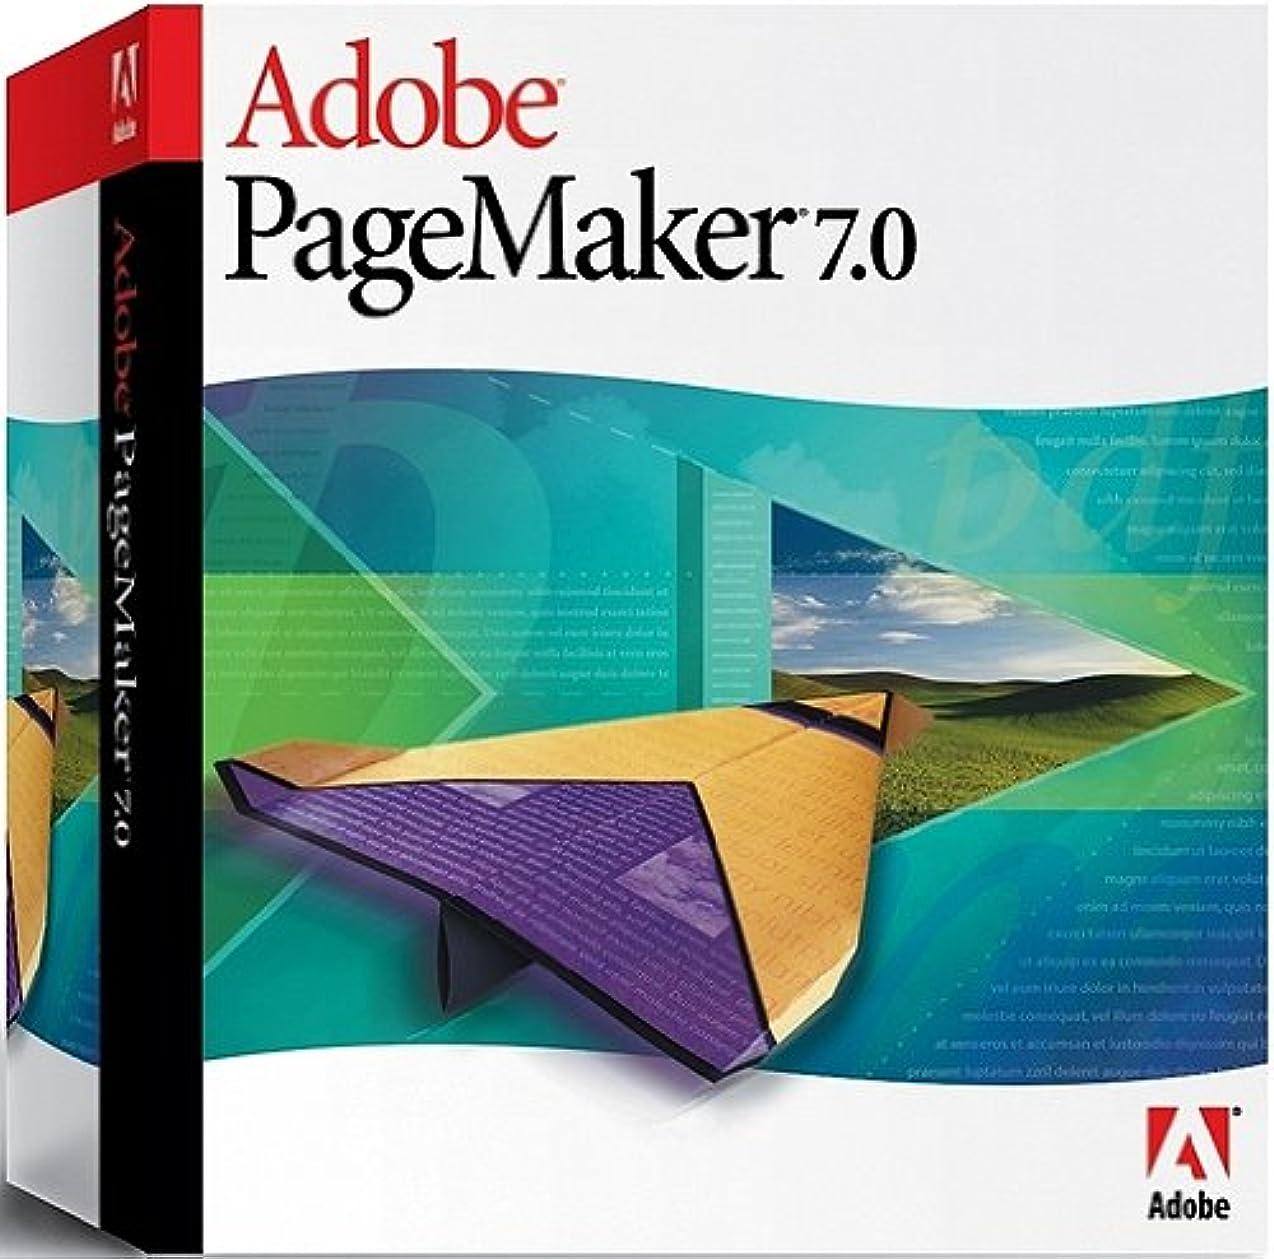 偽物直立誕生Adobe PageMaker 7.0 日本語版 Windows版